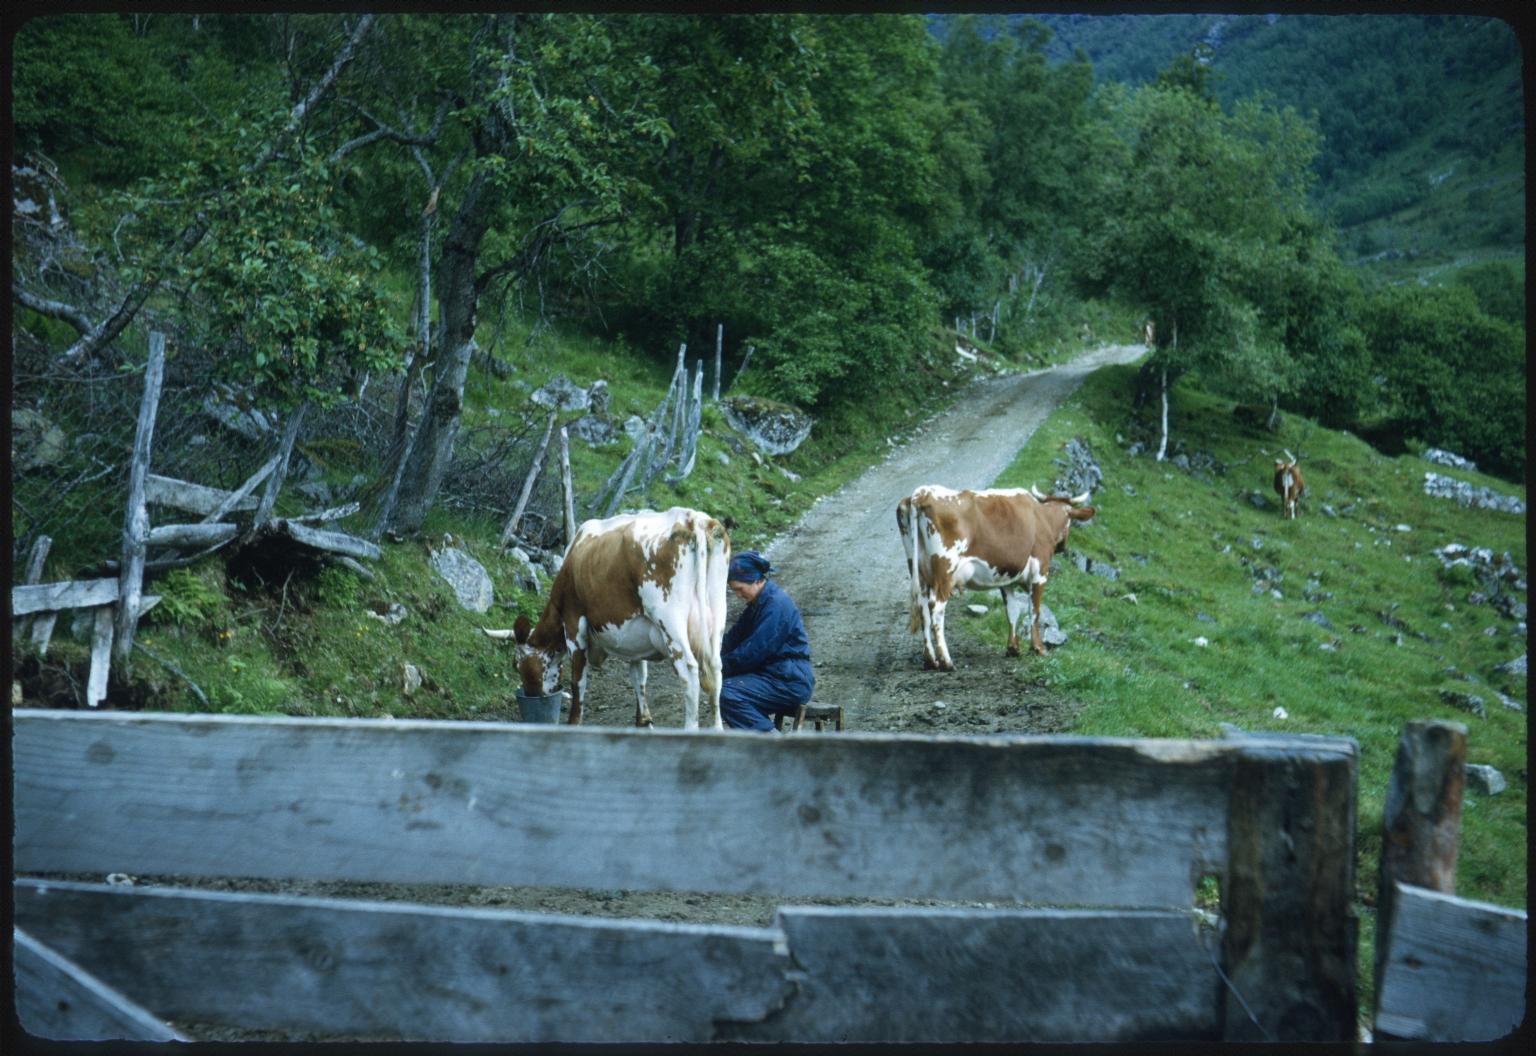 Milking cows in Norway